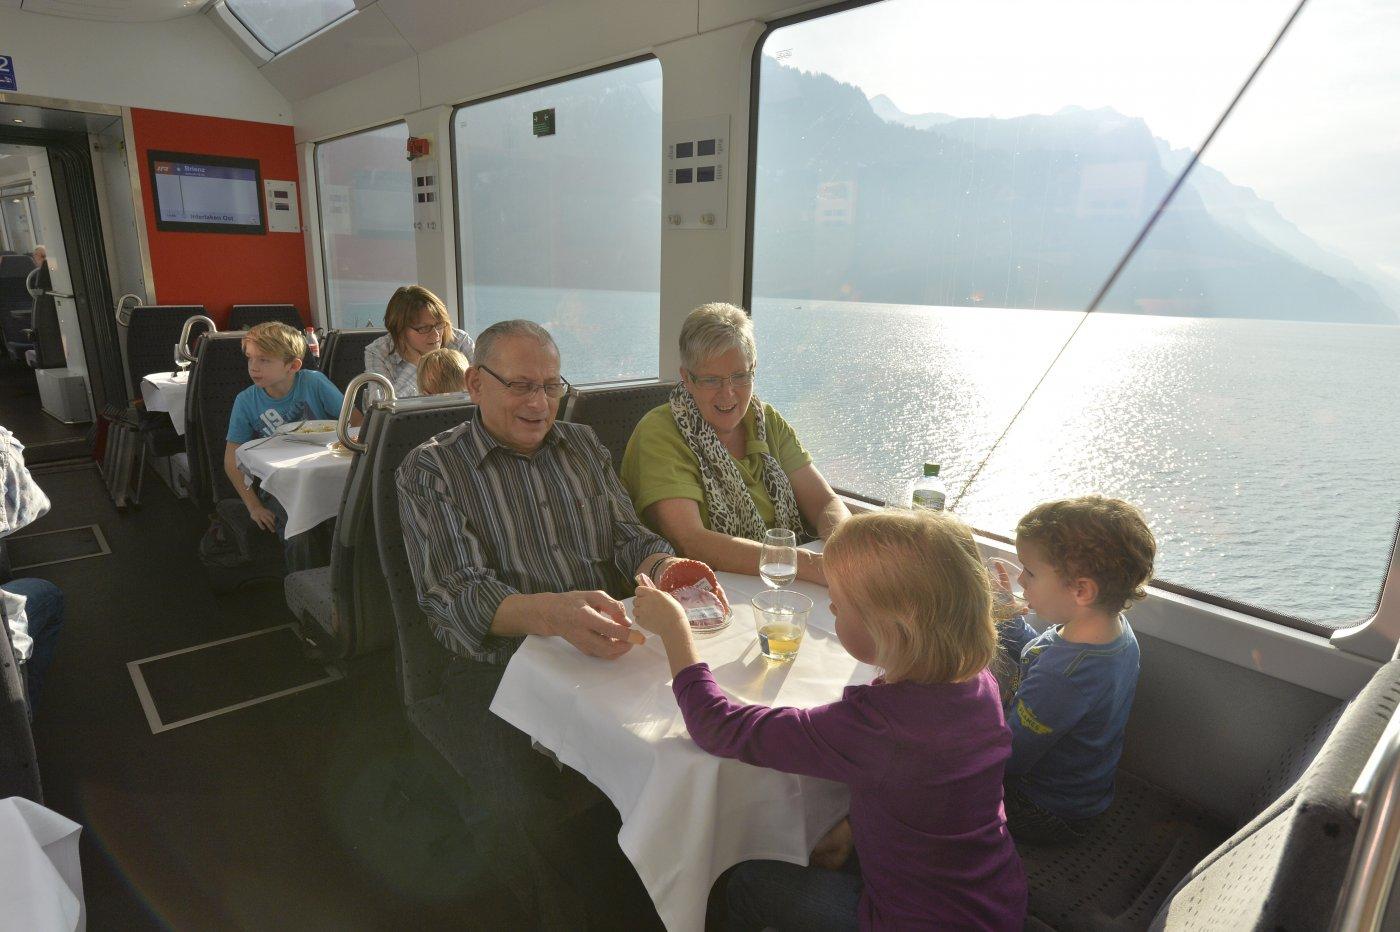 Bistro im Luzern-Interlaken Express